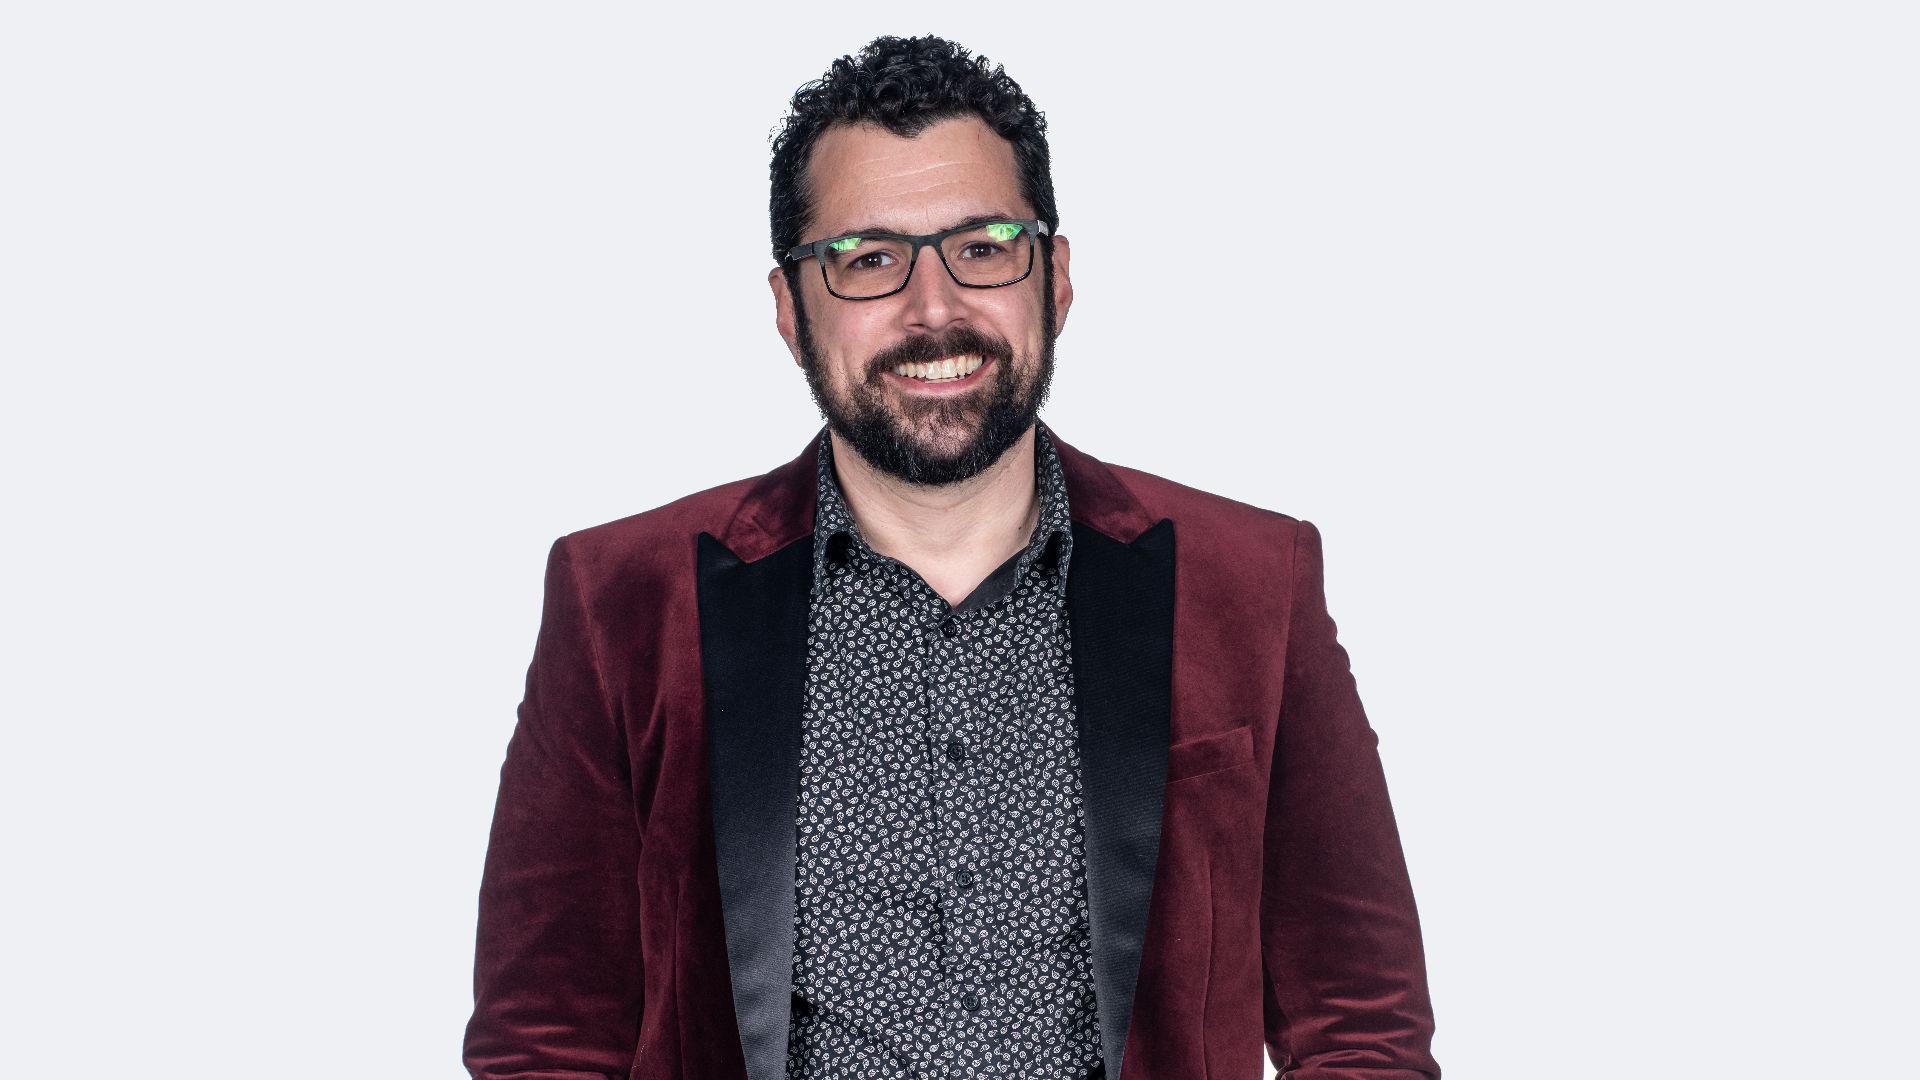 Joe Napoli